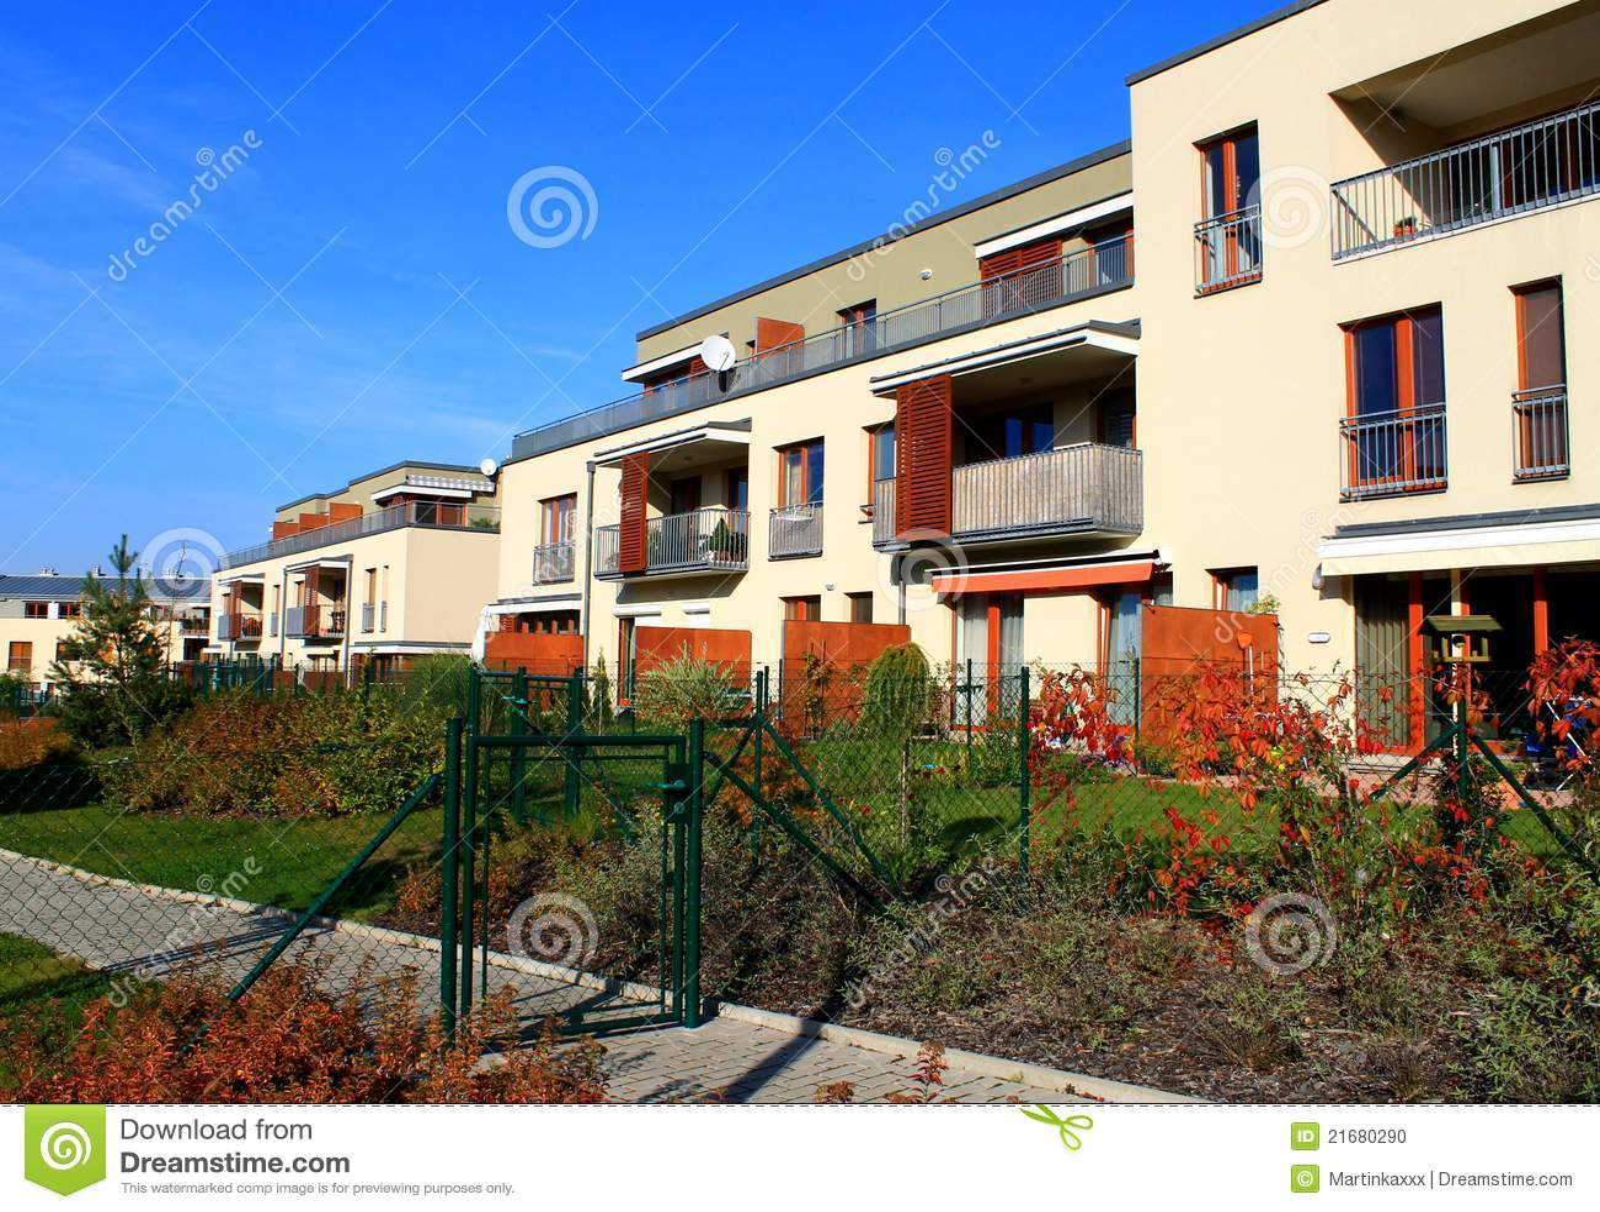 Blocco di appartamenti moderni con i giardini fotografia for Giardini piccoli moderni